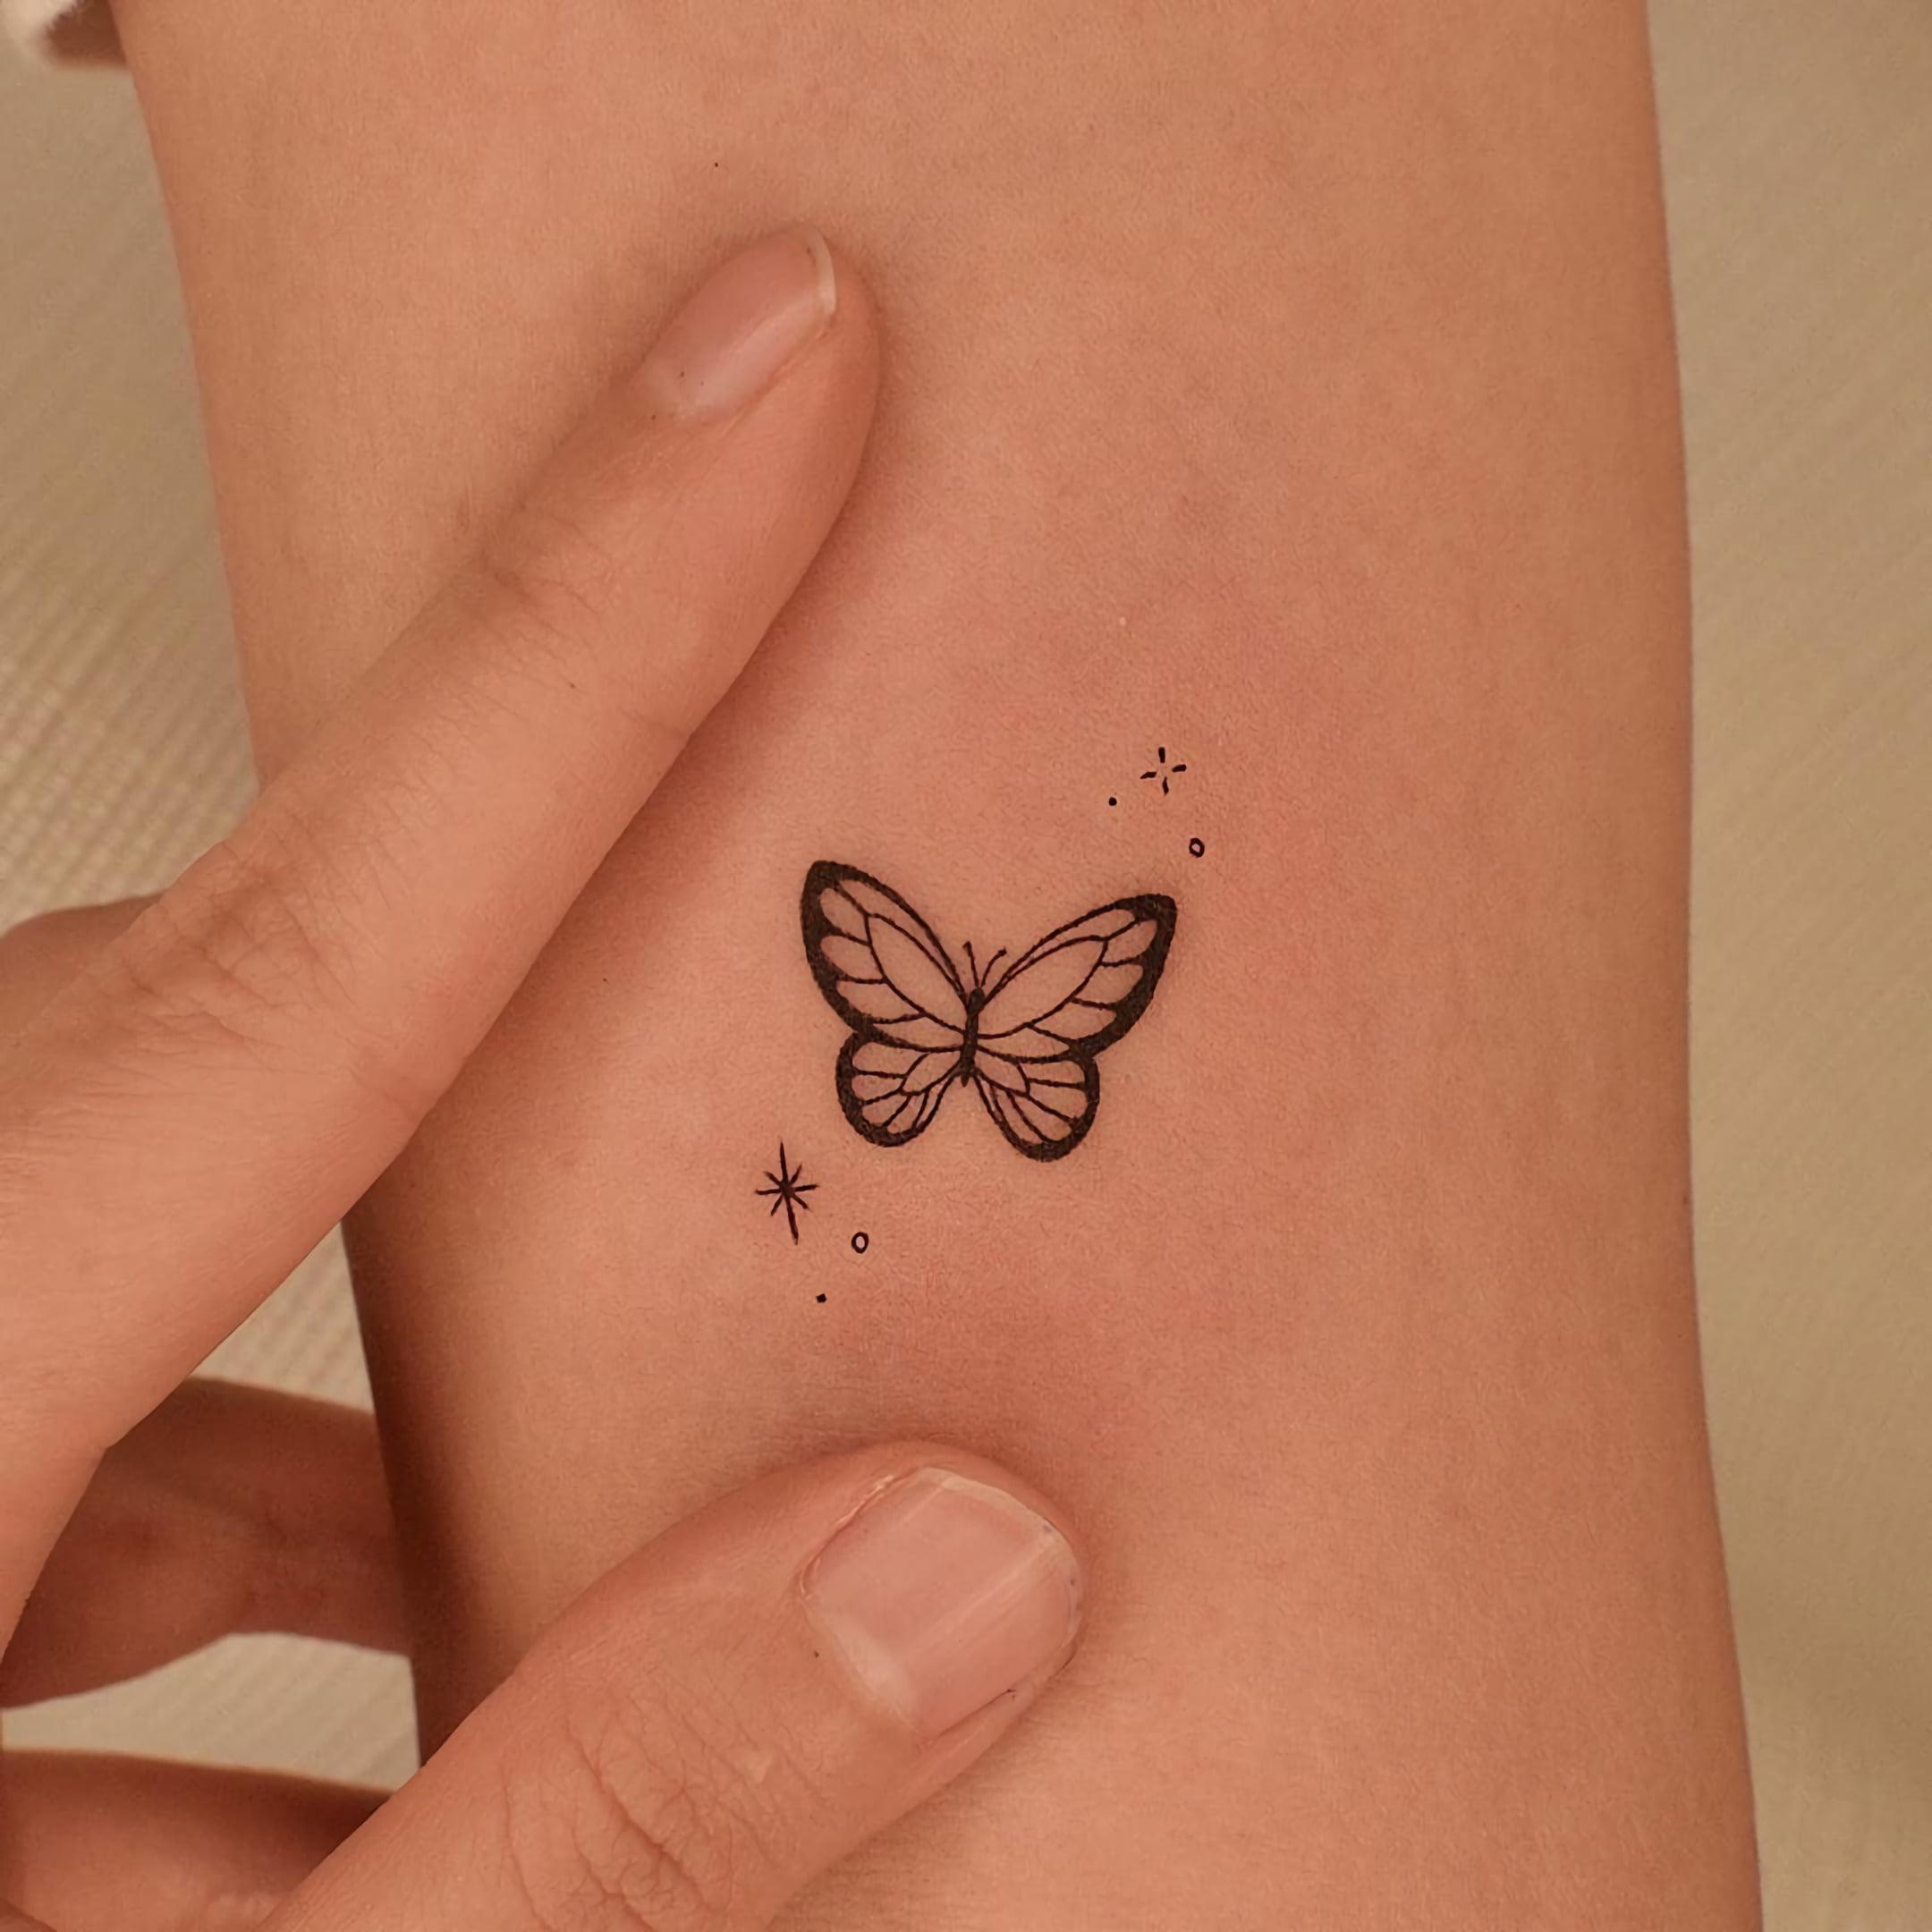 татуировка маленькой бабочки